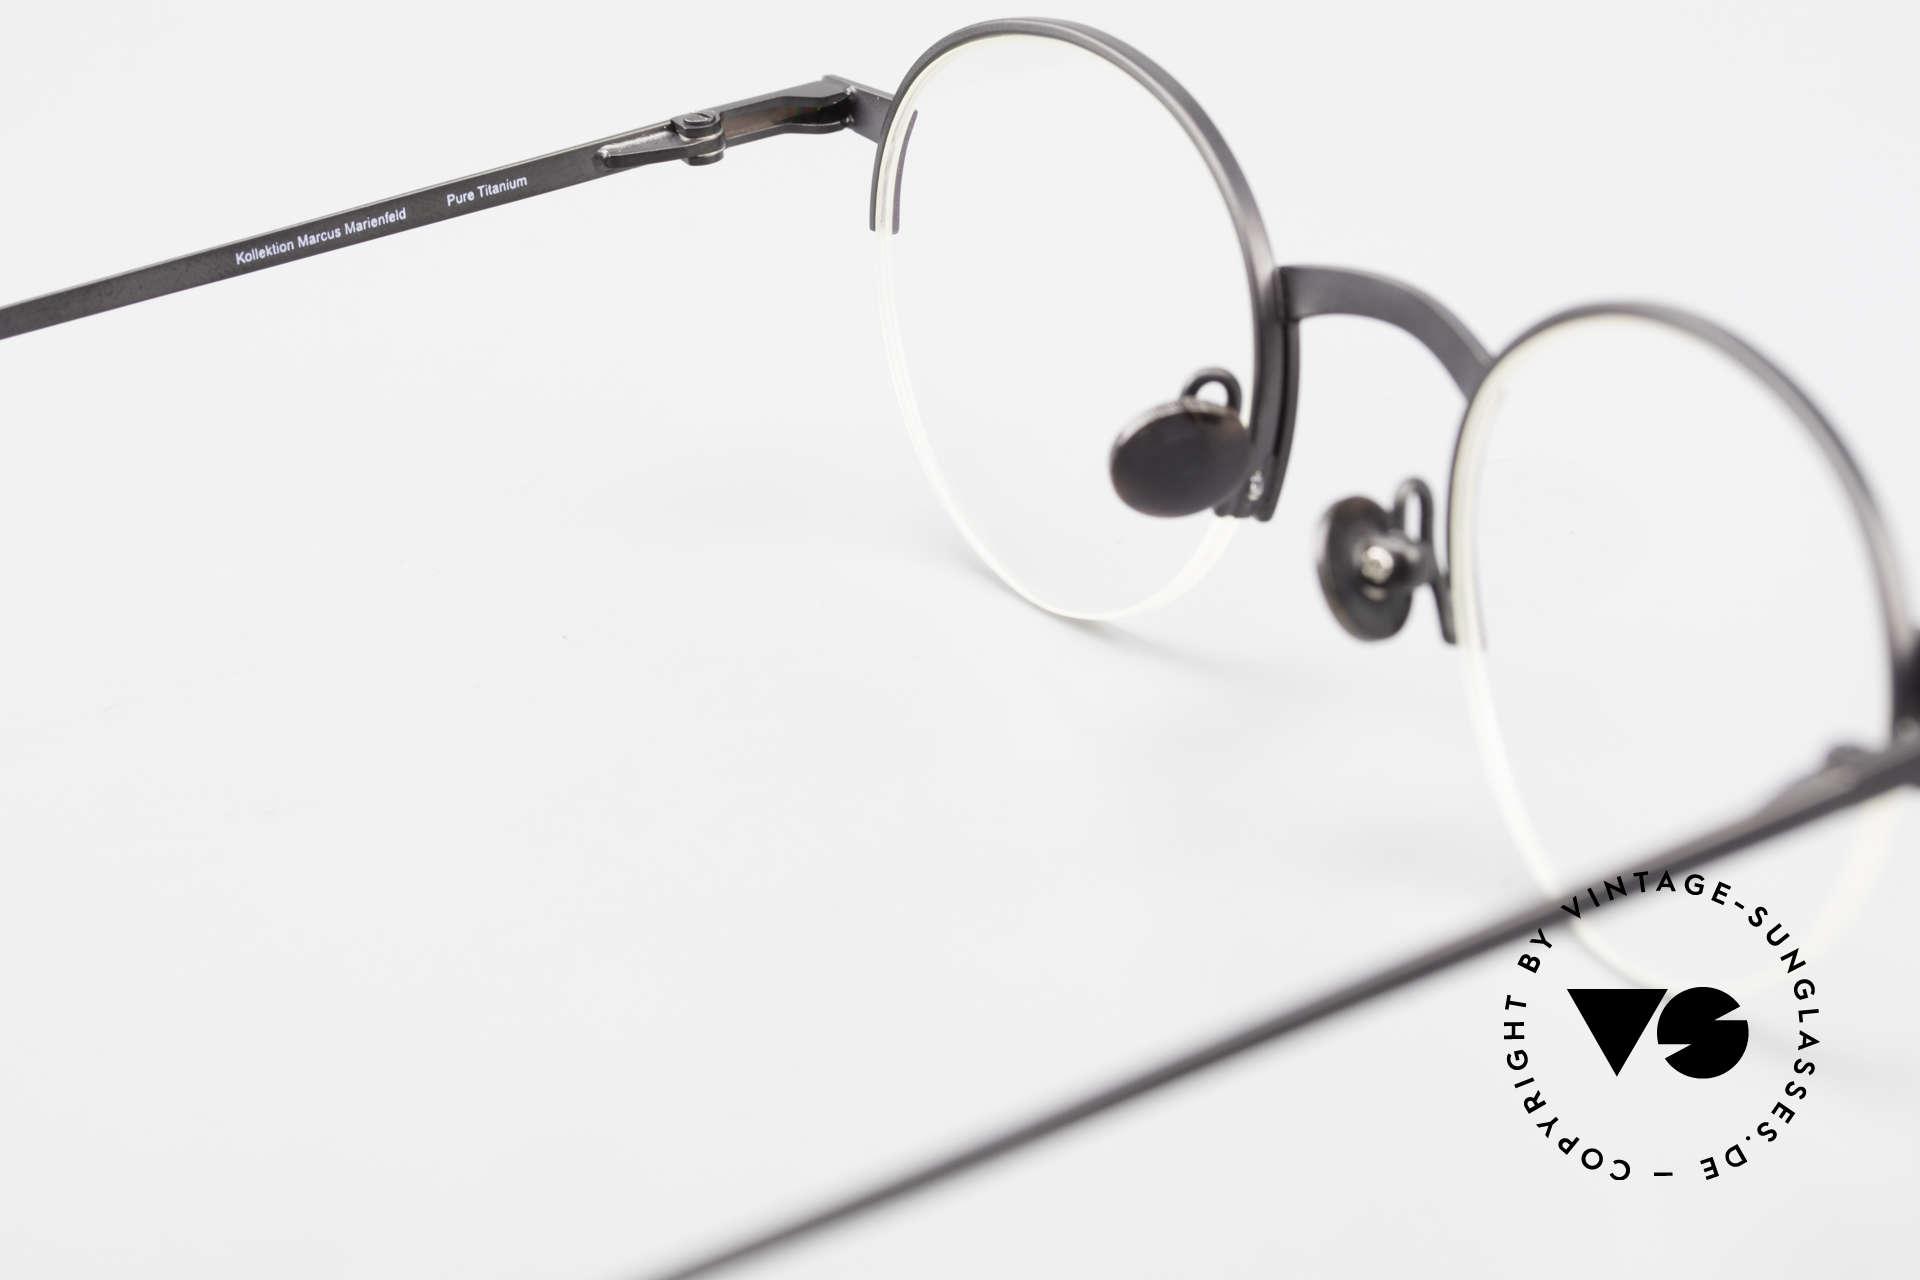 Markus Marienfeld Sina Pure Titanium Brille Handmade, KEINE Retrobrille, sondern ein vintage ORIGINAL, Passend für Herren und Damen